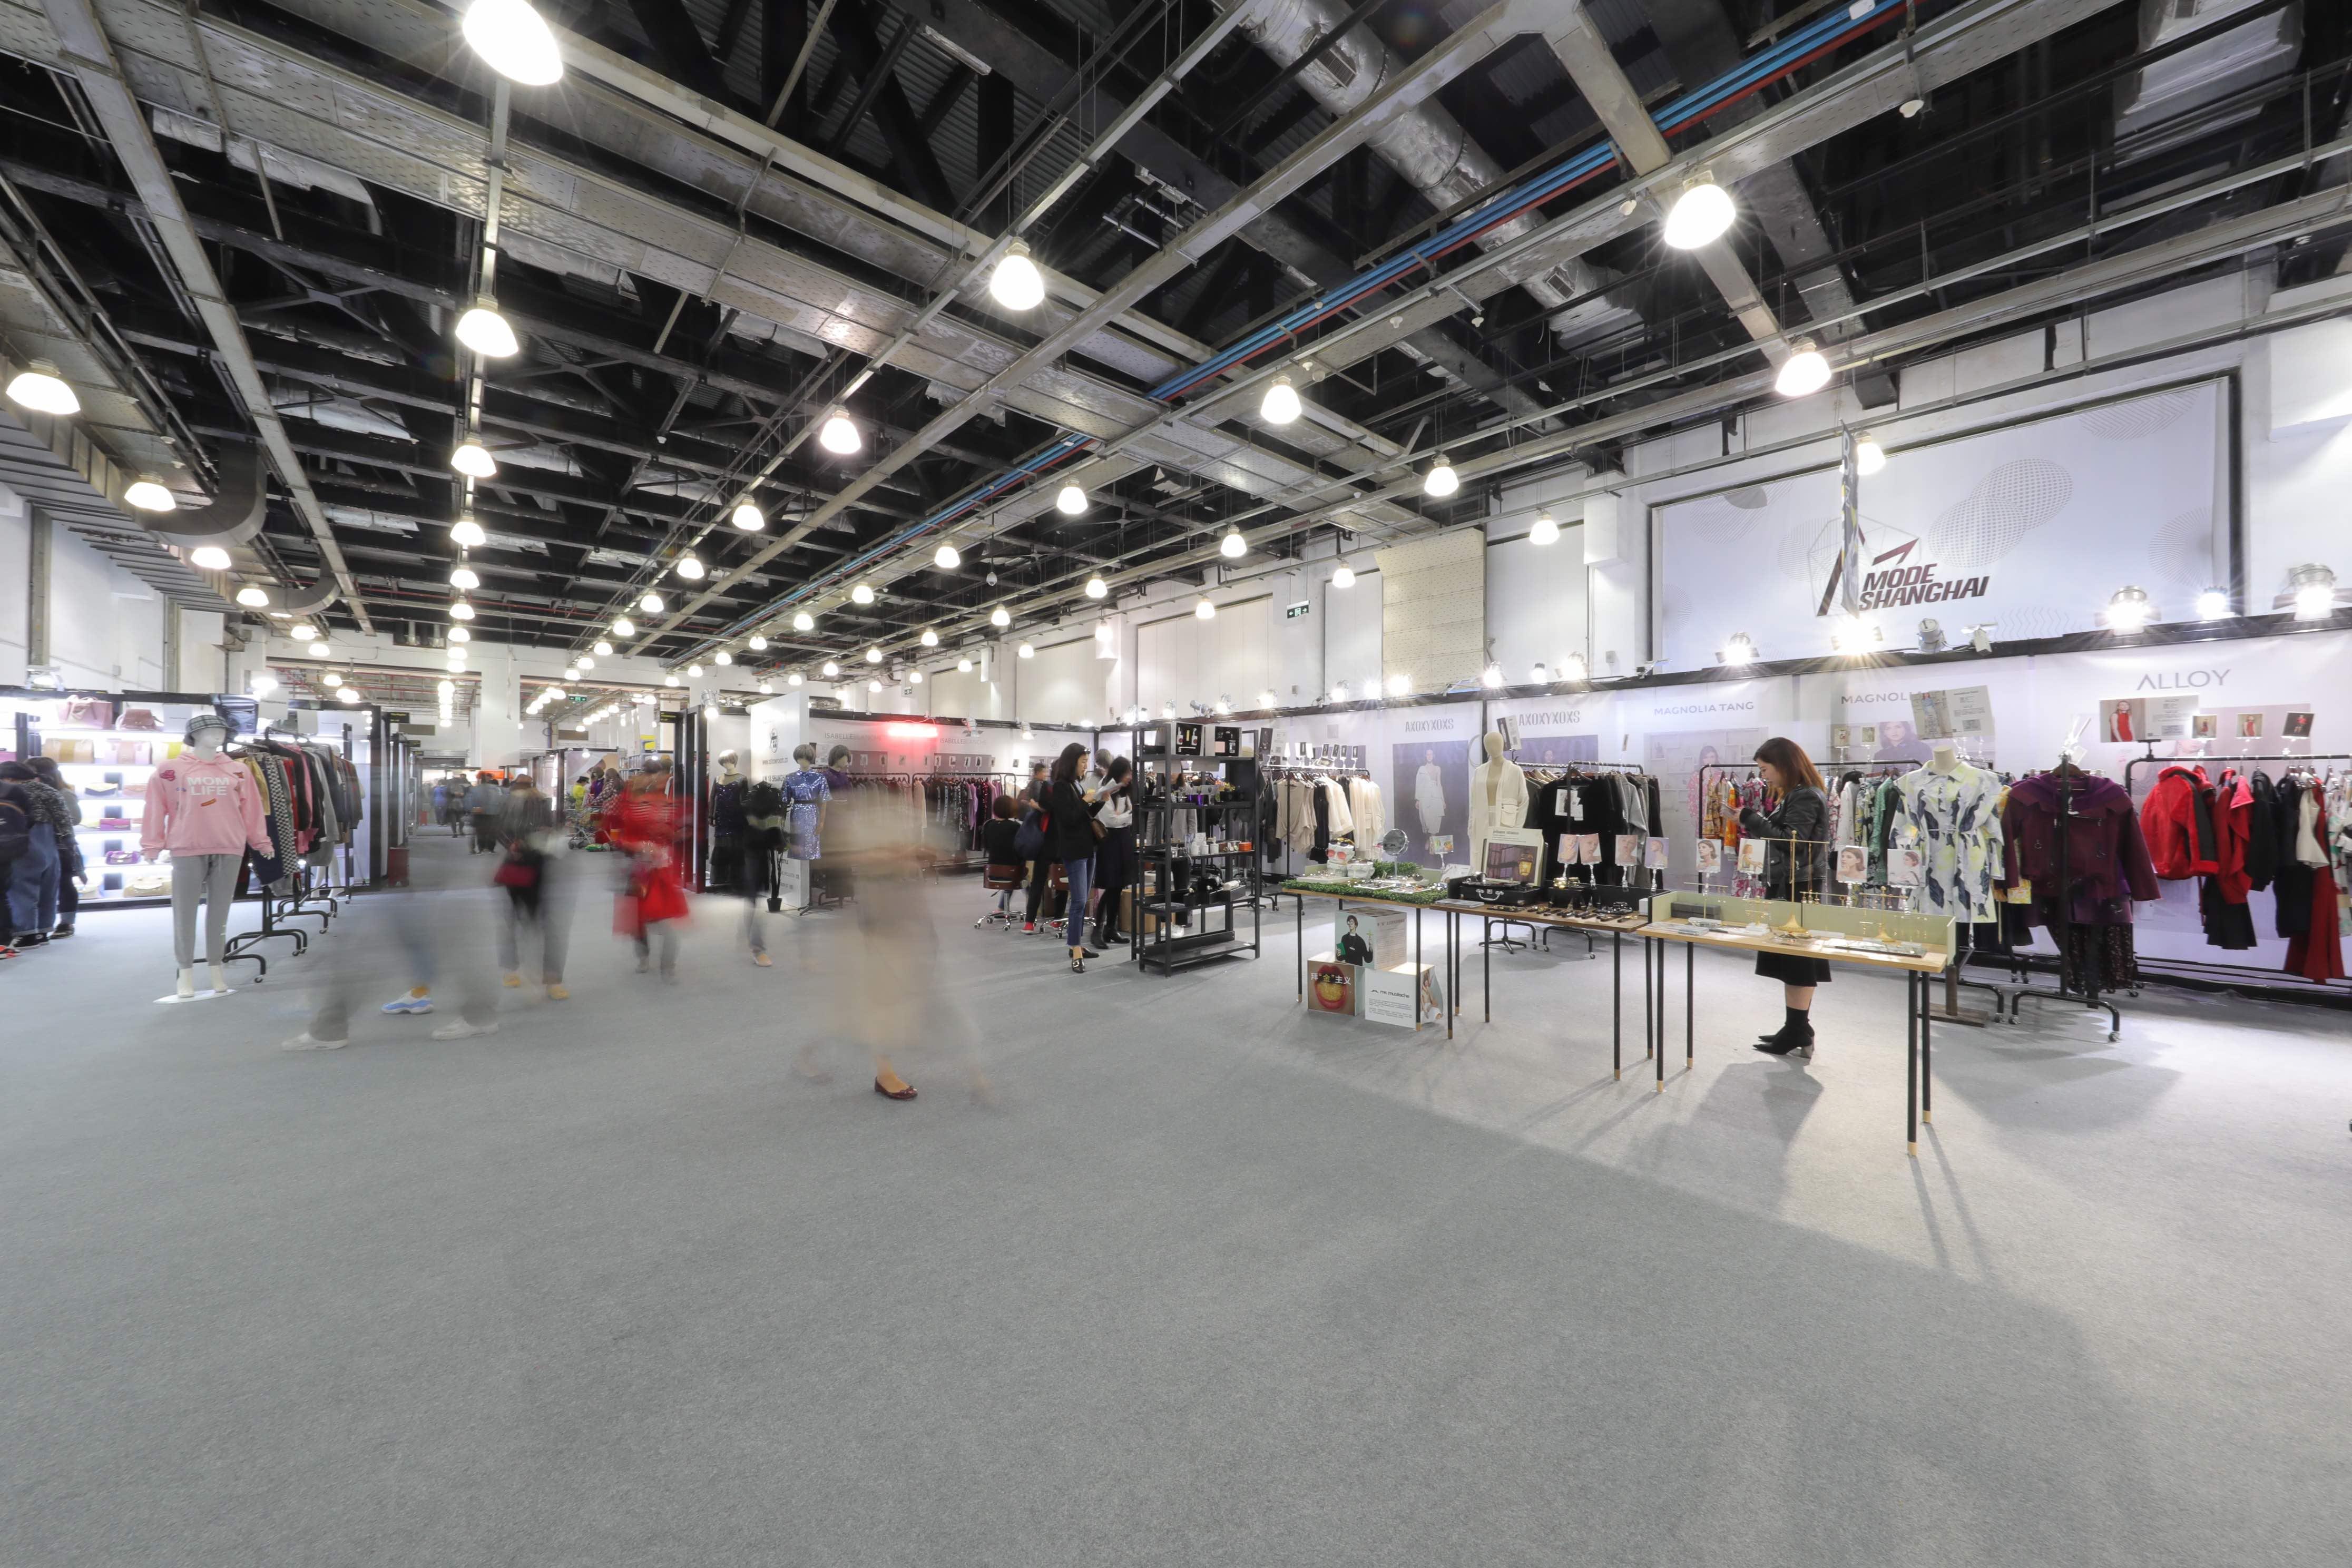 中国 Showroom 业态发展的五大最新观察!《华丽志》上海时装周独家报道